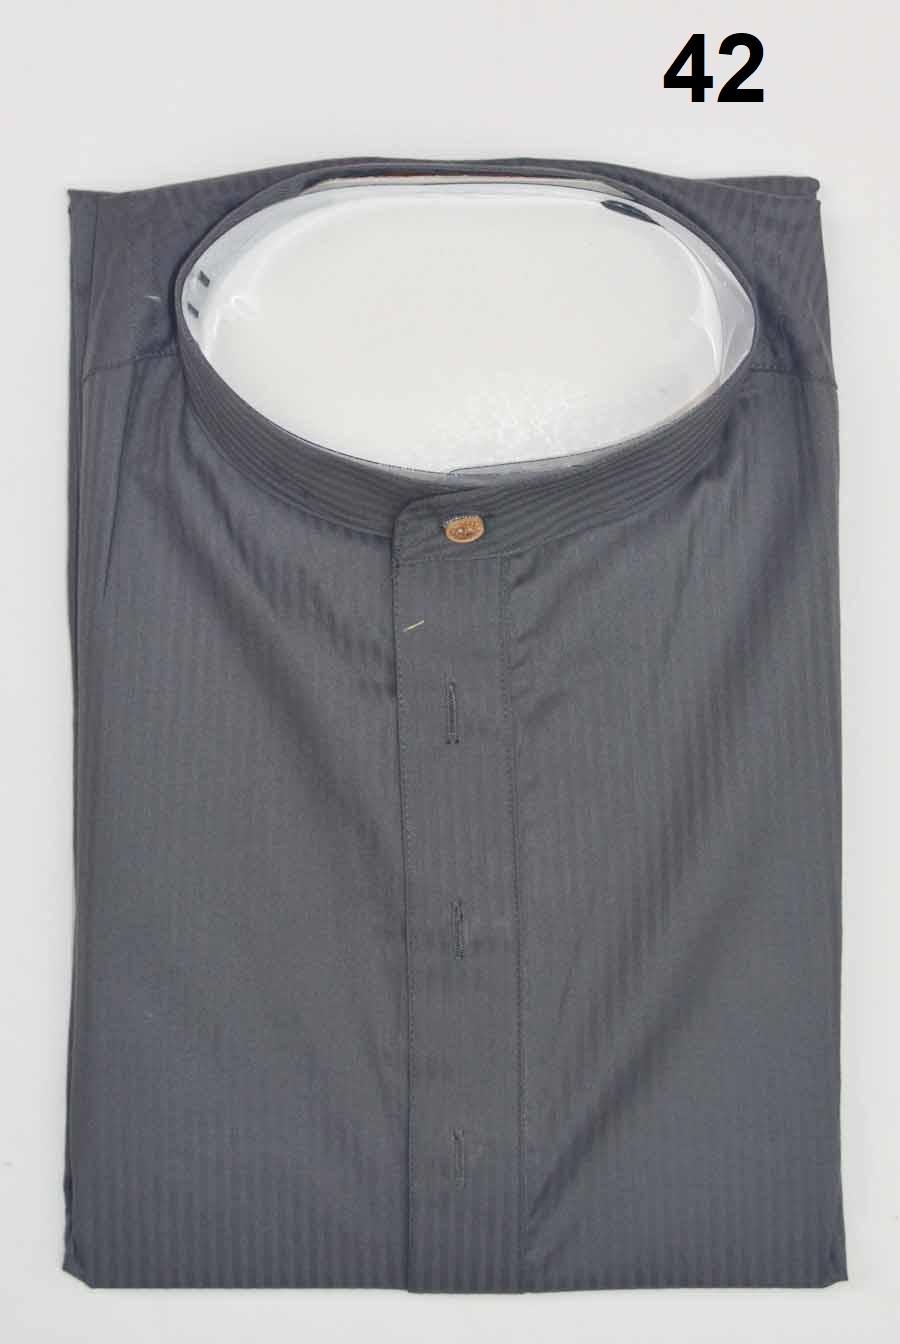 Cotton Kurta 9163 - 42